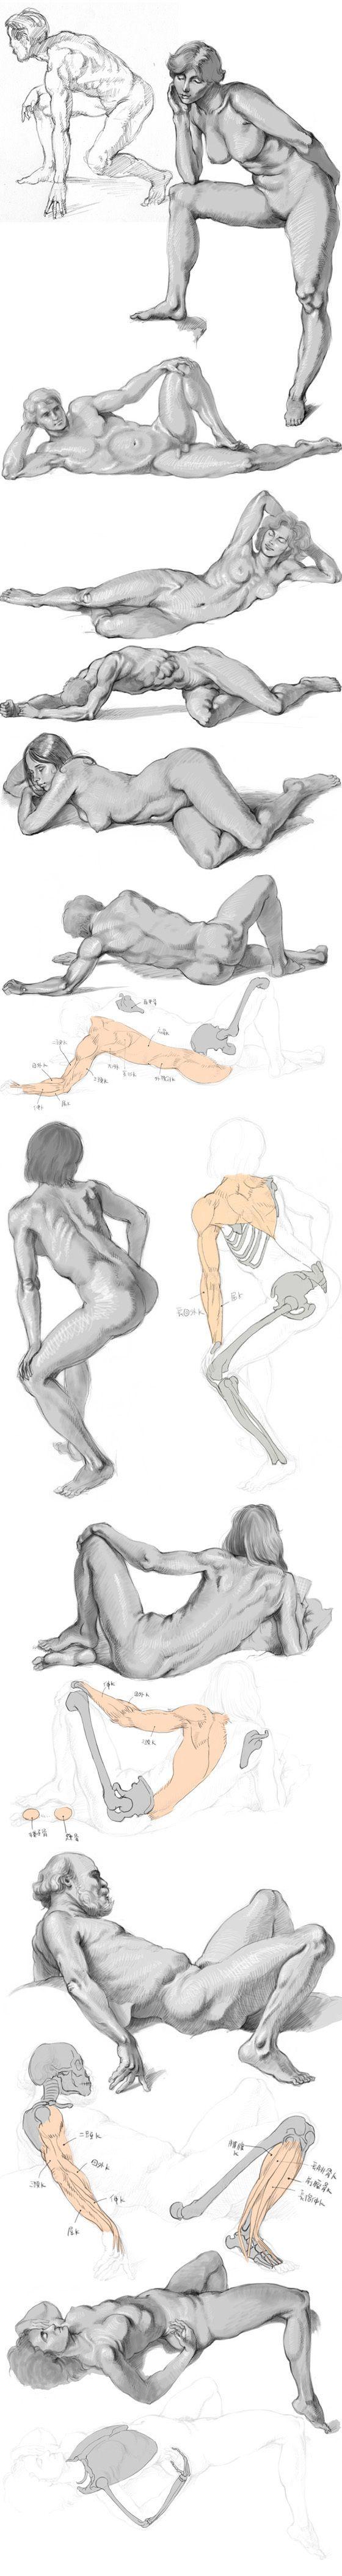 plastic anatomy